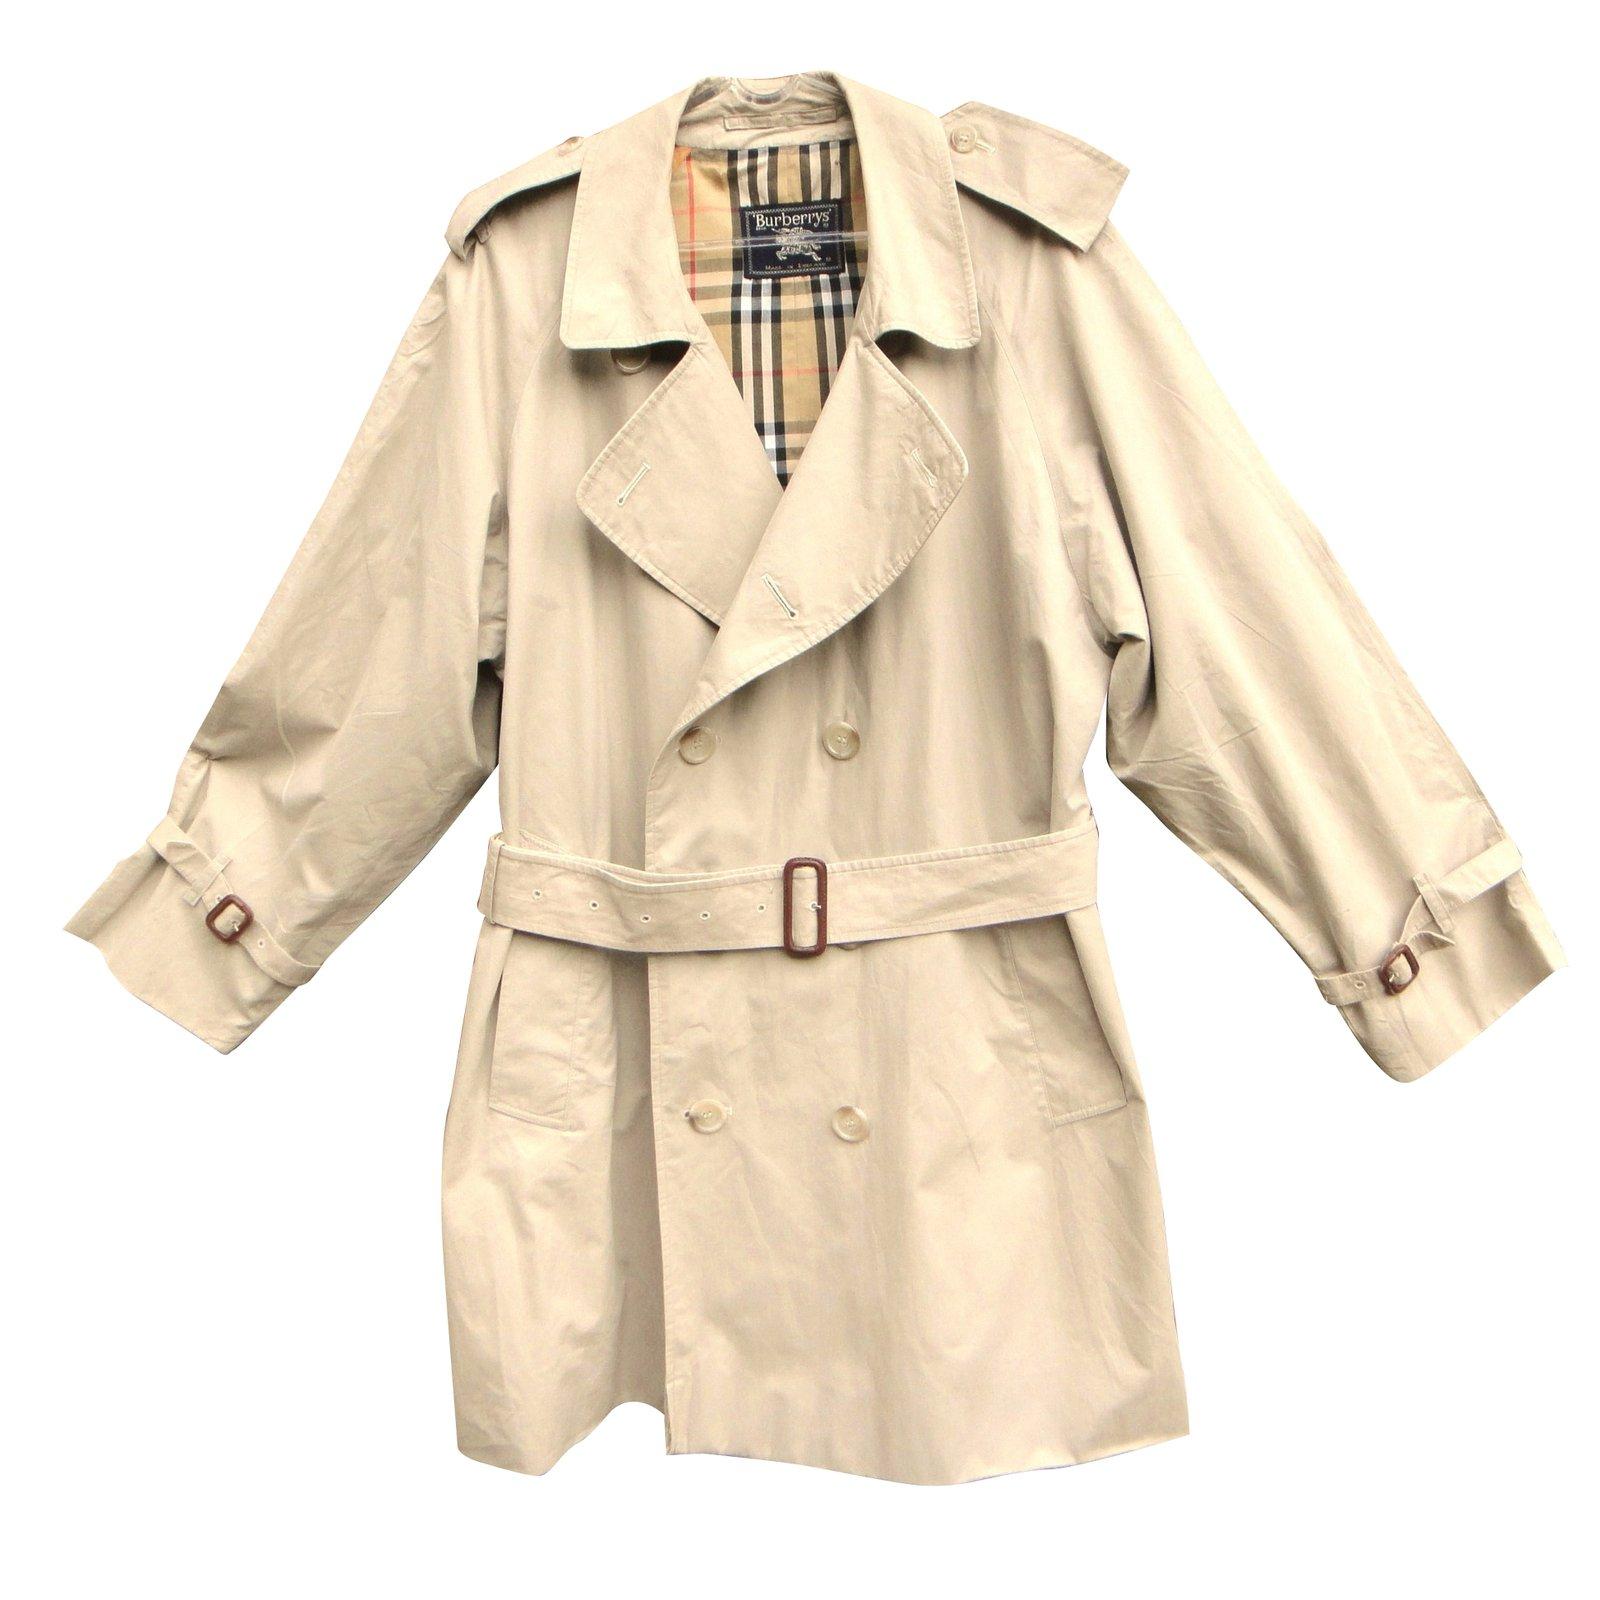 Manteaux homme Burberry Trench coat Coton Beige ref.39505 - Joli Closet 7dea31ad5f9